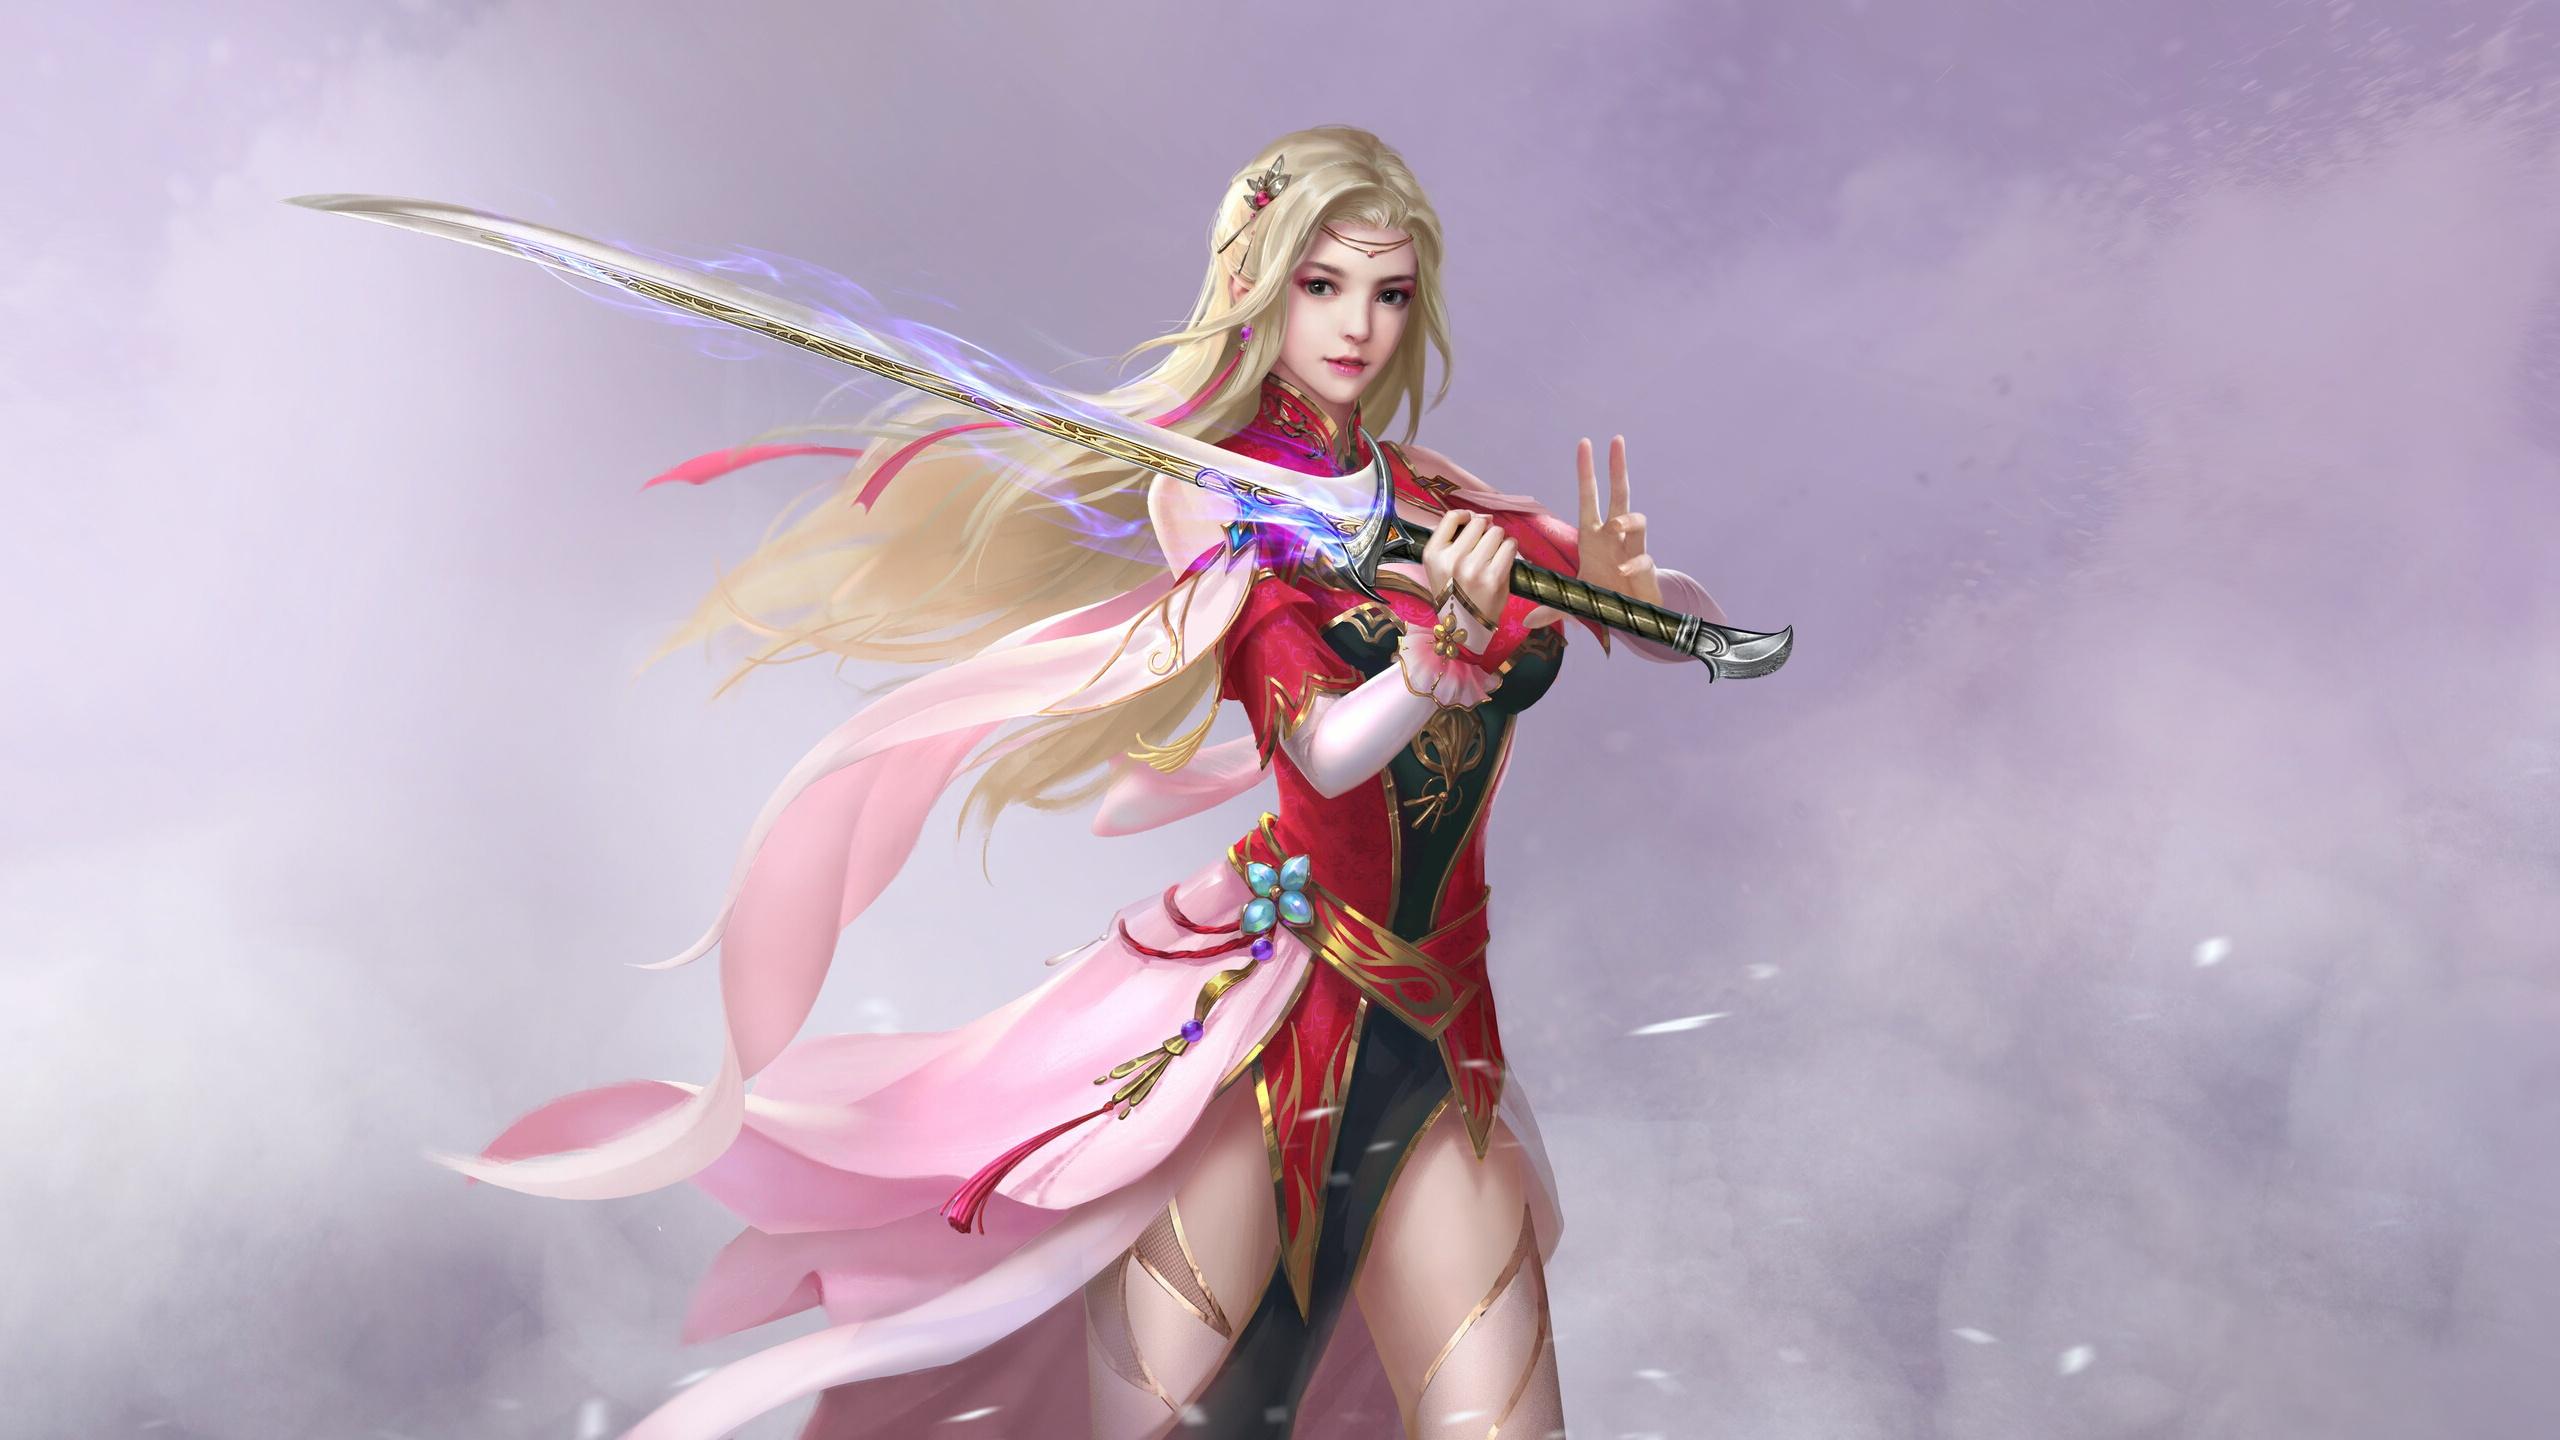 Девушка с мечом обои на рабочий стол